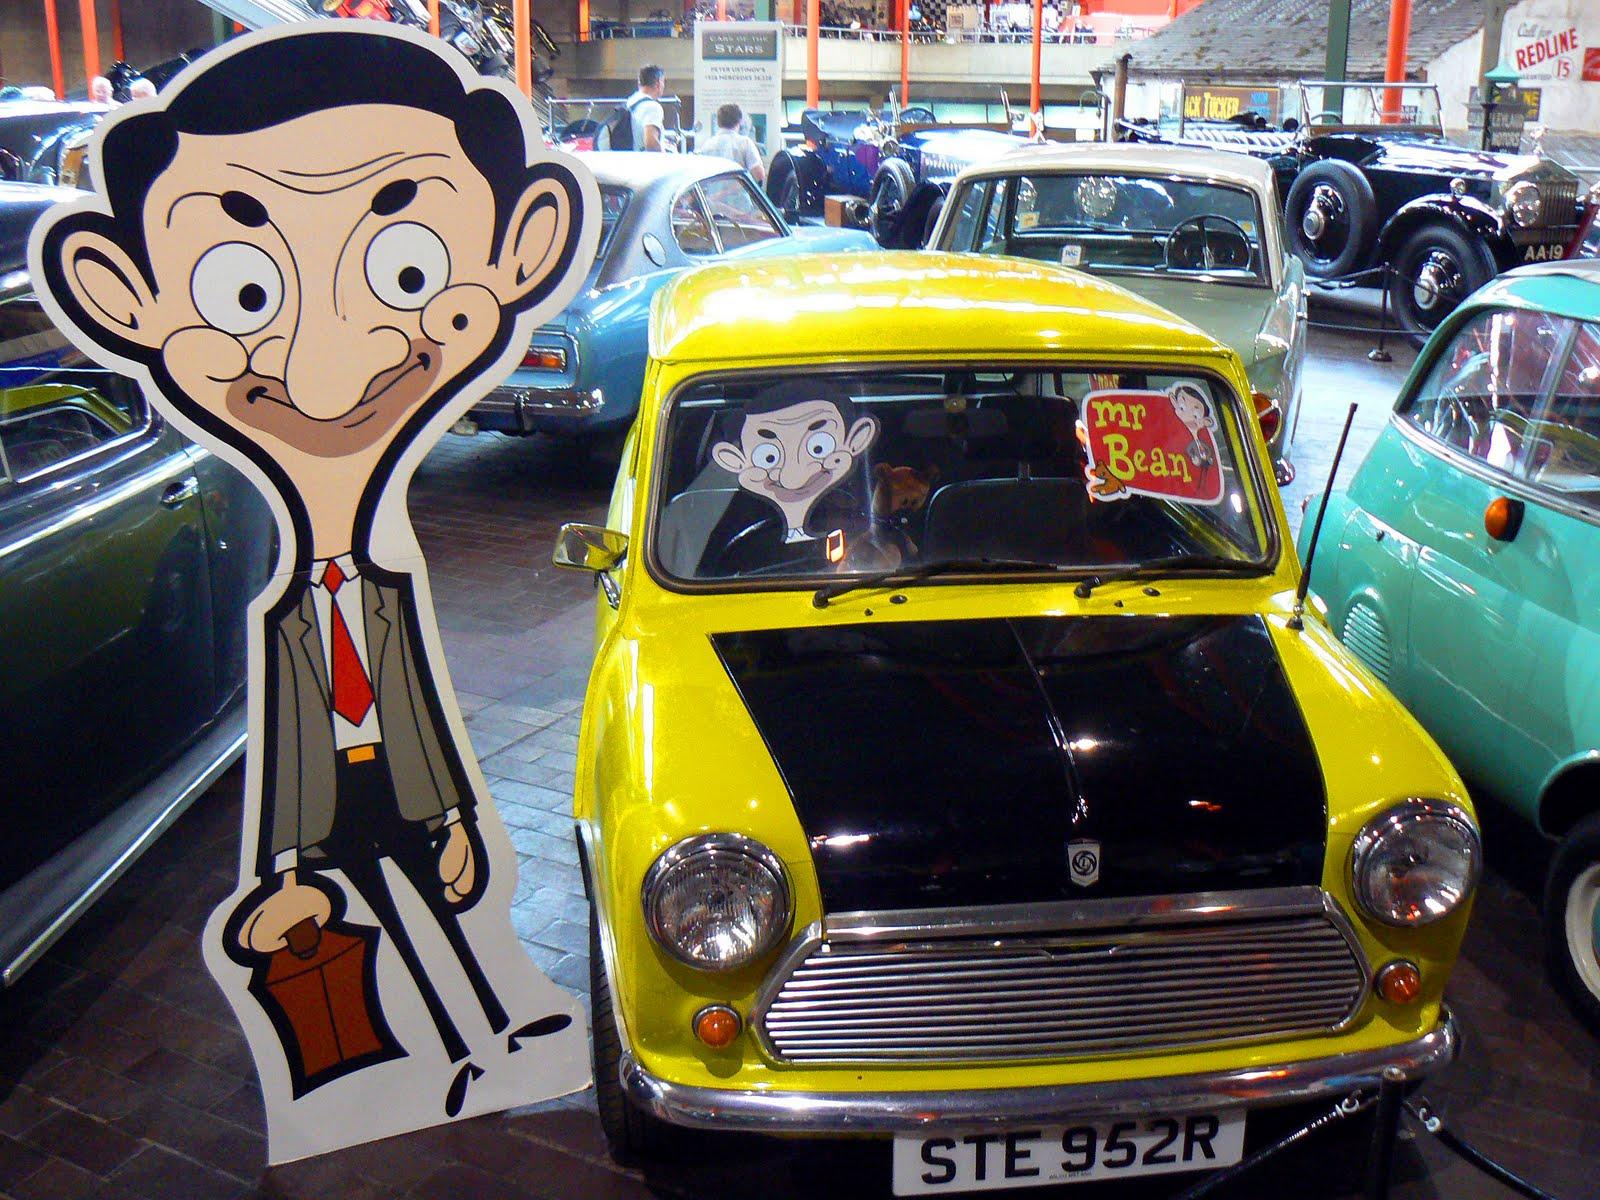 صورة سيارة مستر بن , ما اجمل سيارة مستر بن